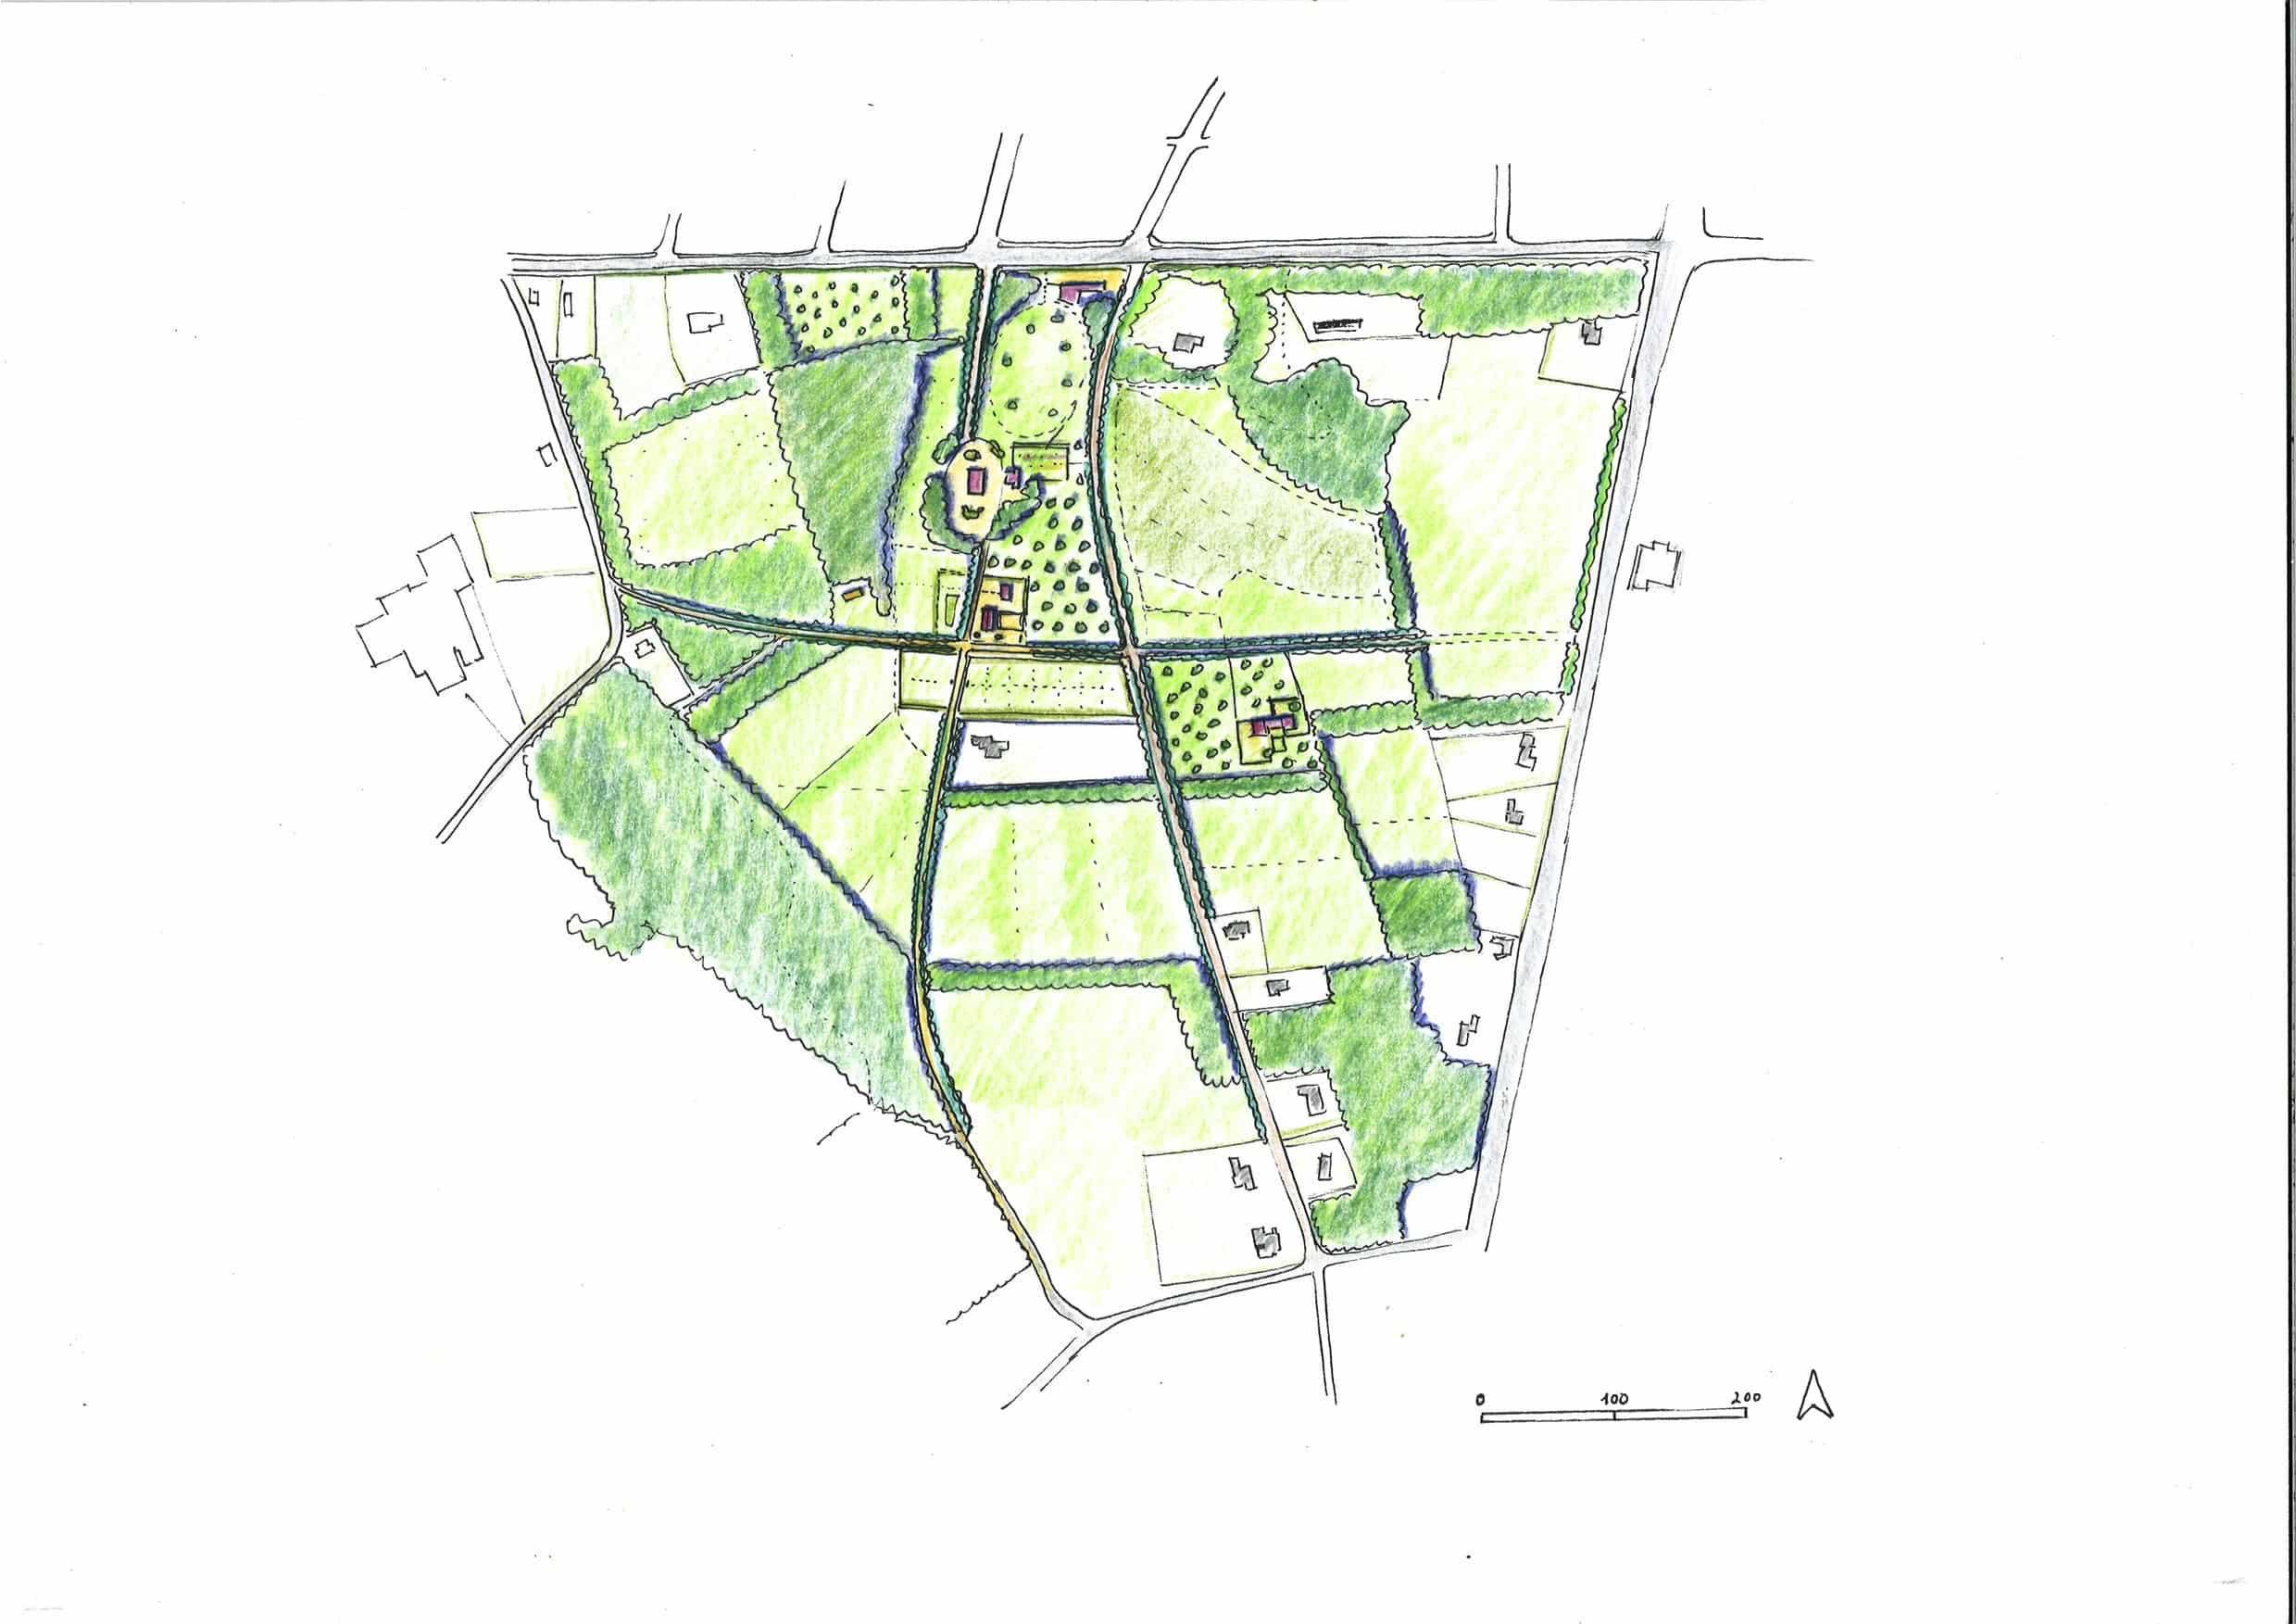 Kaartbeeld van Masterplan Voedsellandschap Zuidflank Landgoed Grootstal